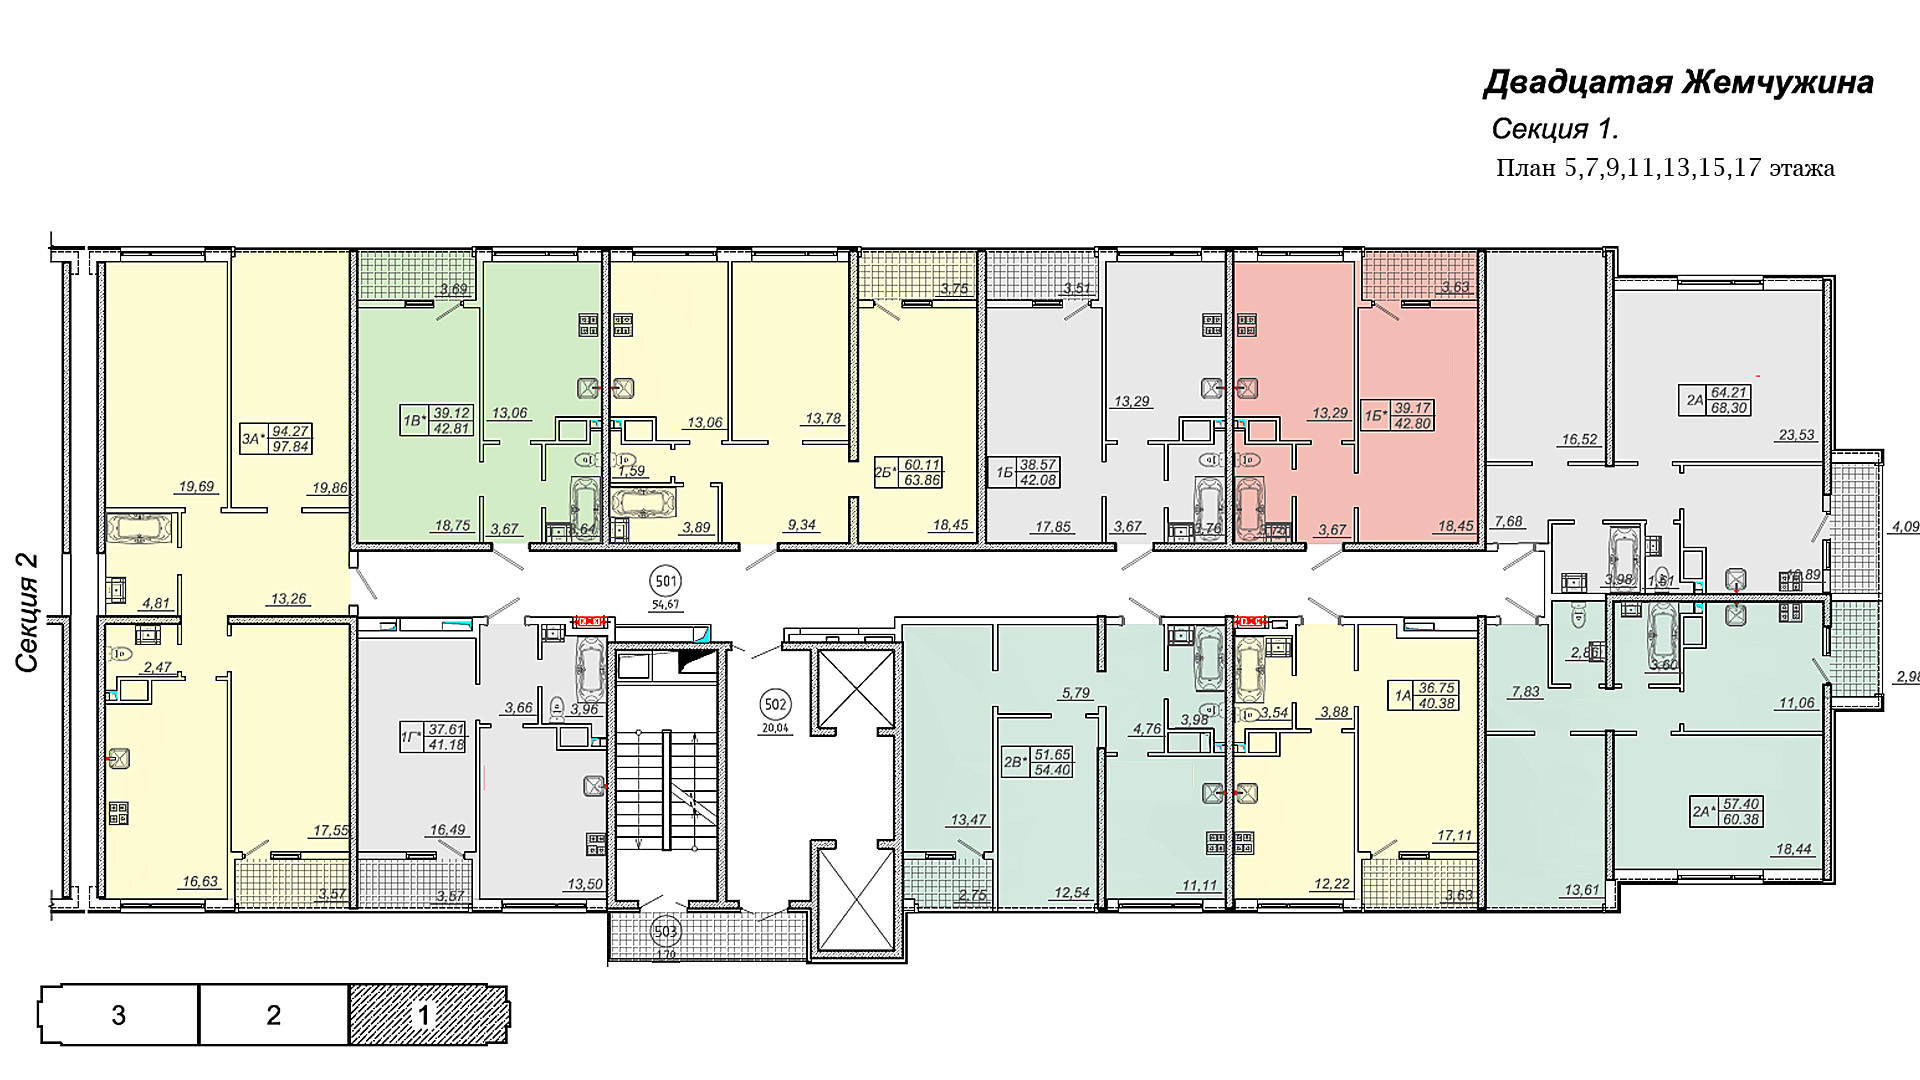 Кадорр, 20 Жемчужина, Планировка секция 1, этаж 5,7,9,11,13,15,17